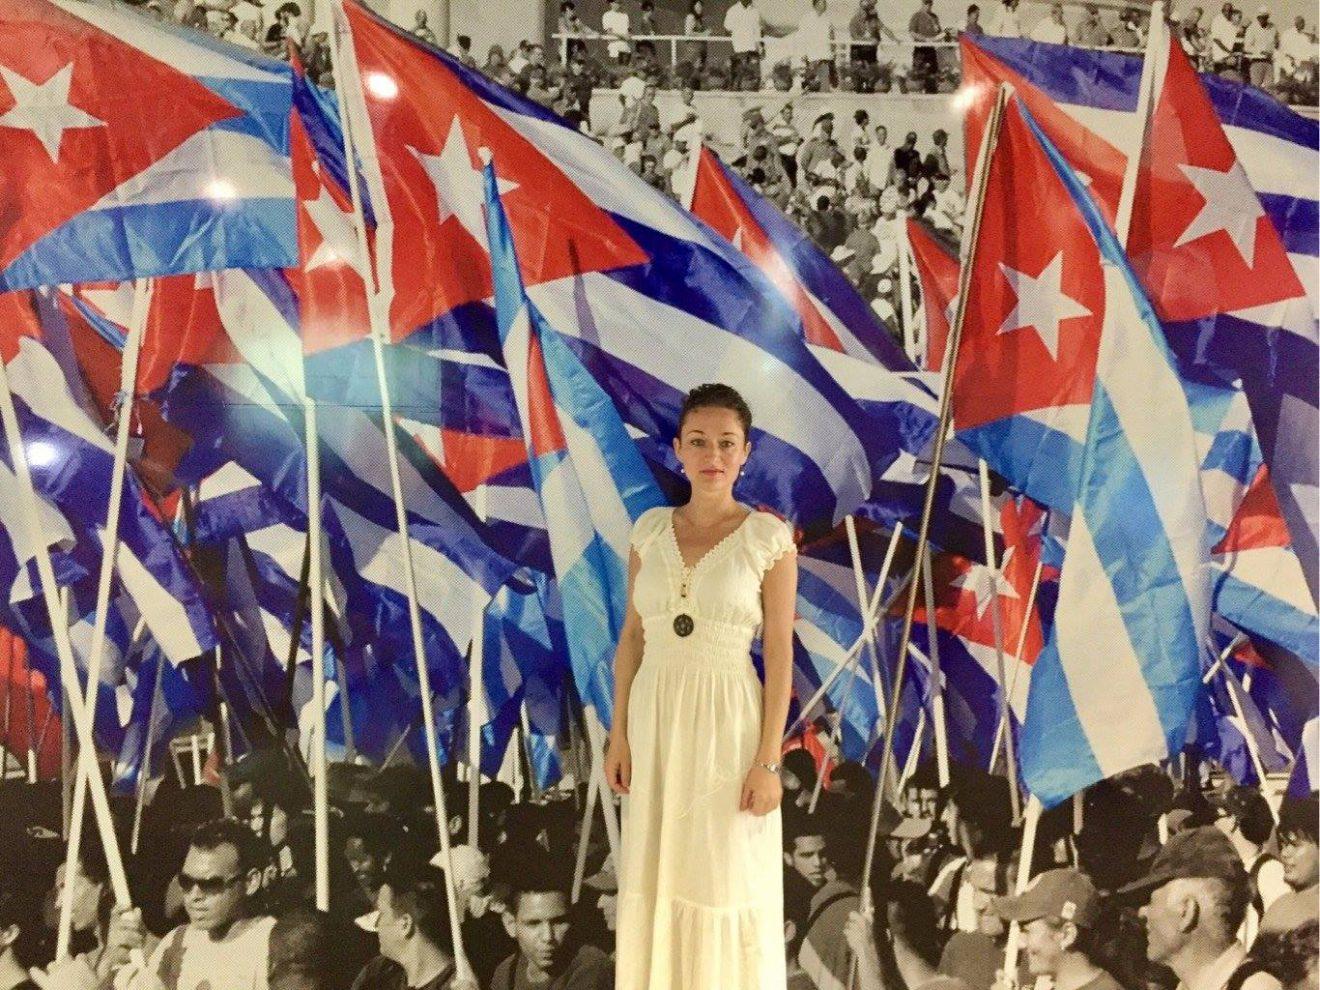 Die Freiheitsliebe: Kuba ist ein berechtigter Sozialismusversuch – Im Gespräch mit Zaklin Nastic